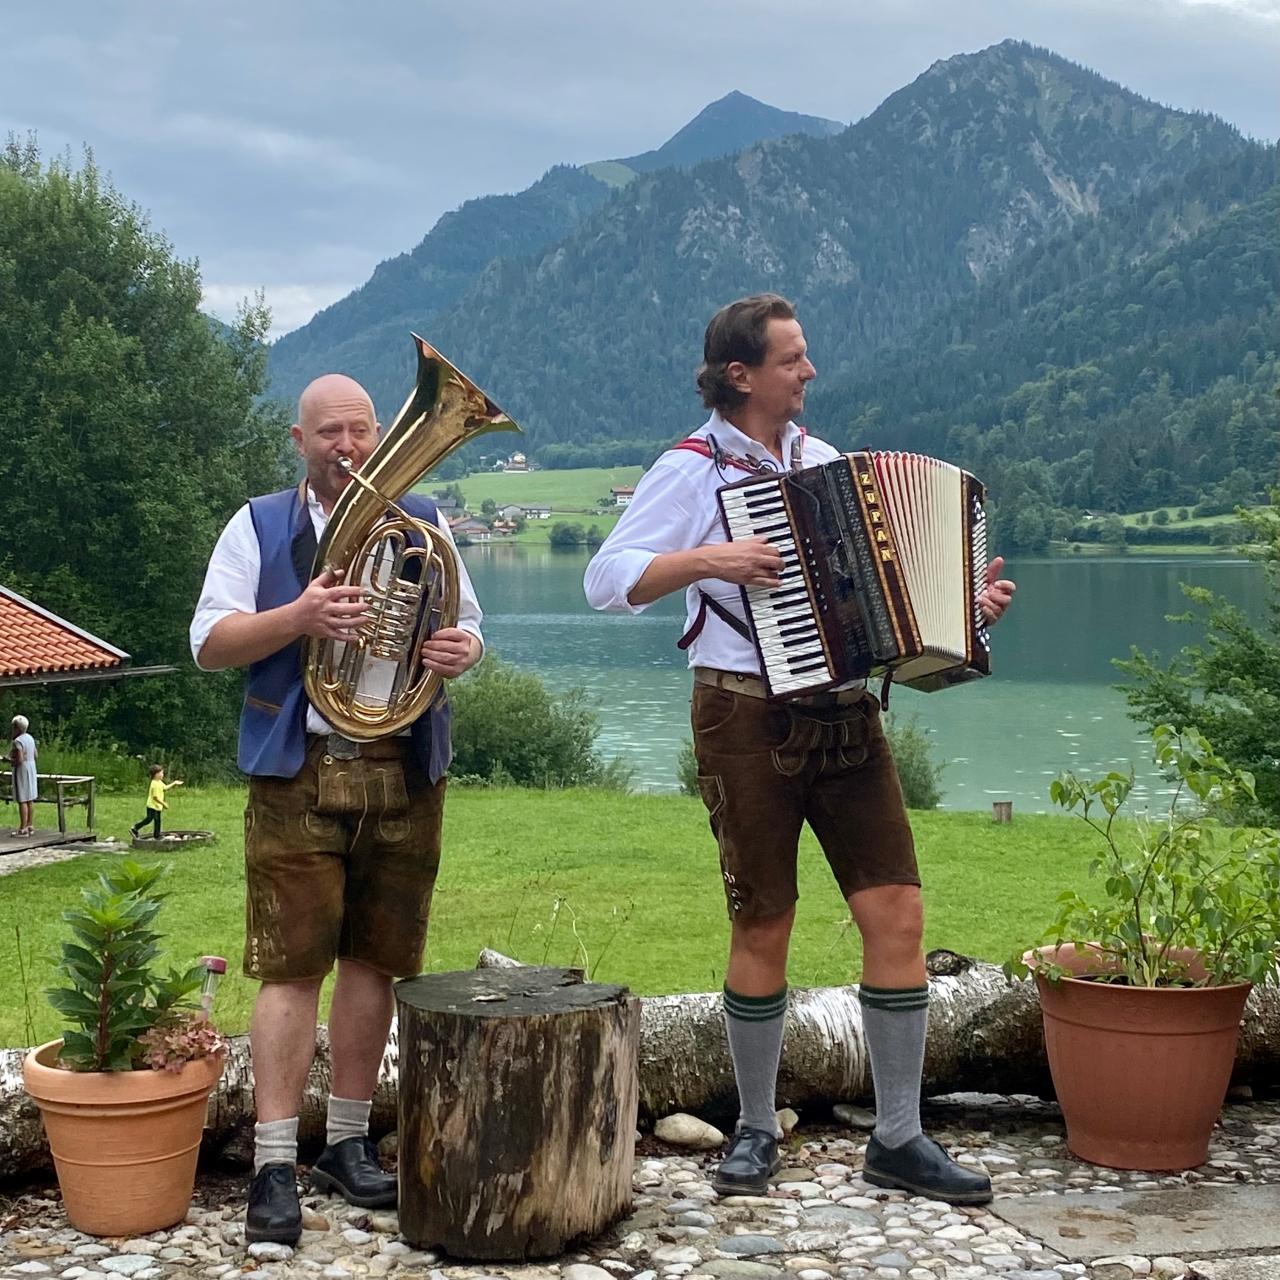 Bayerische Musiker der Partyband Bergvagabunden auf der Insel im Schliersee